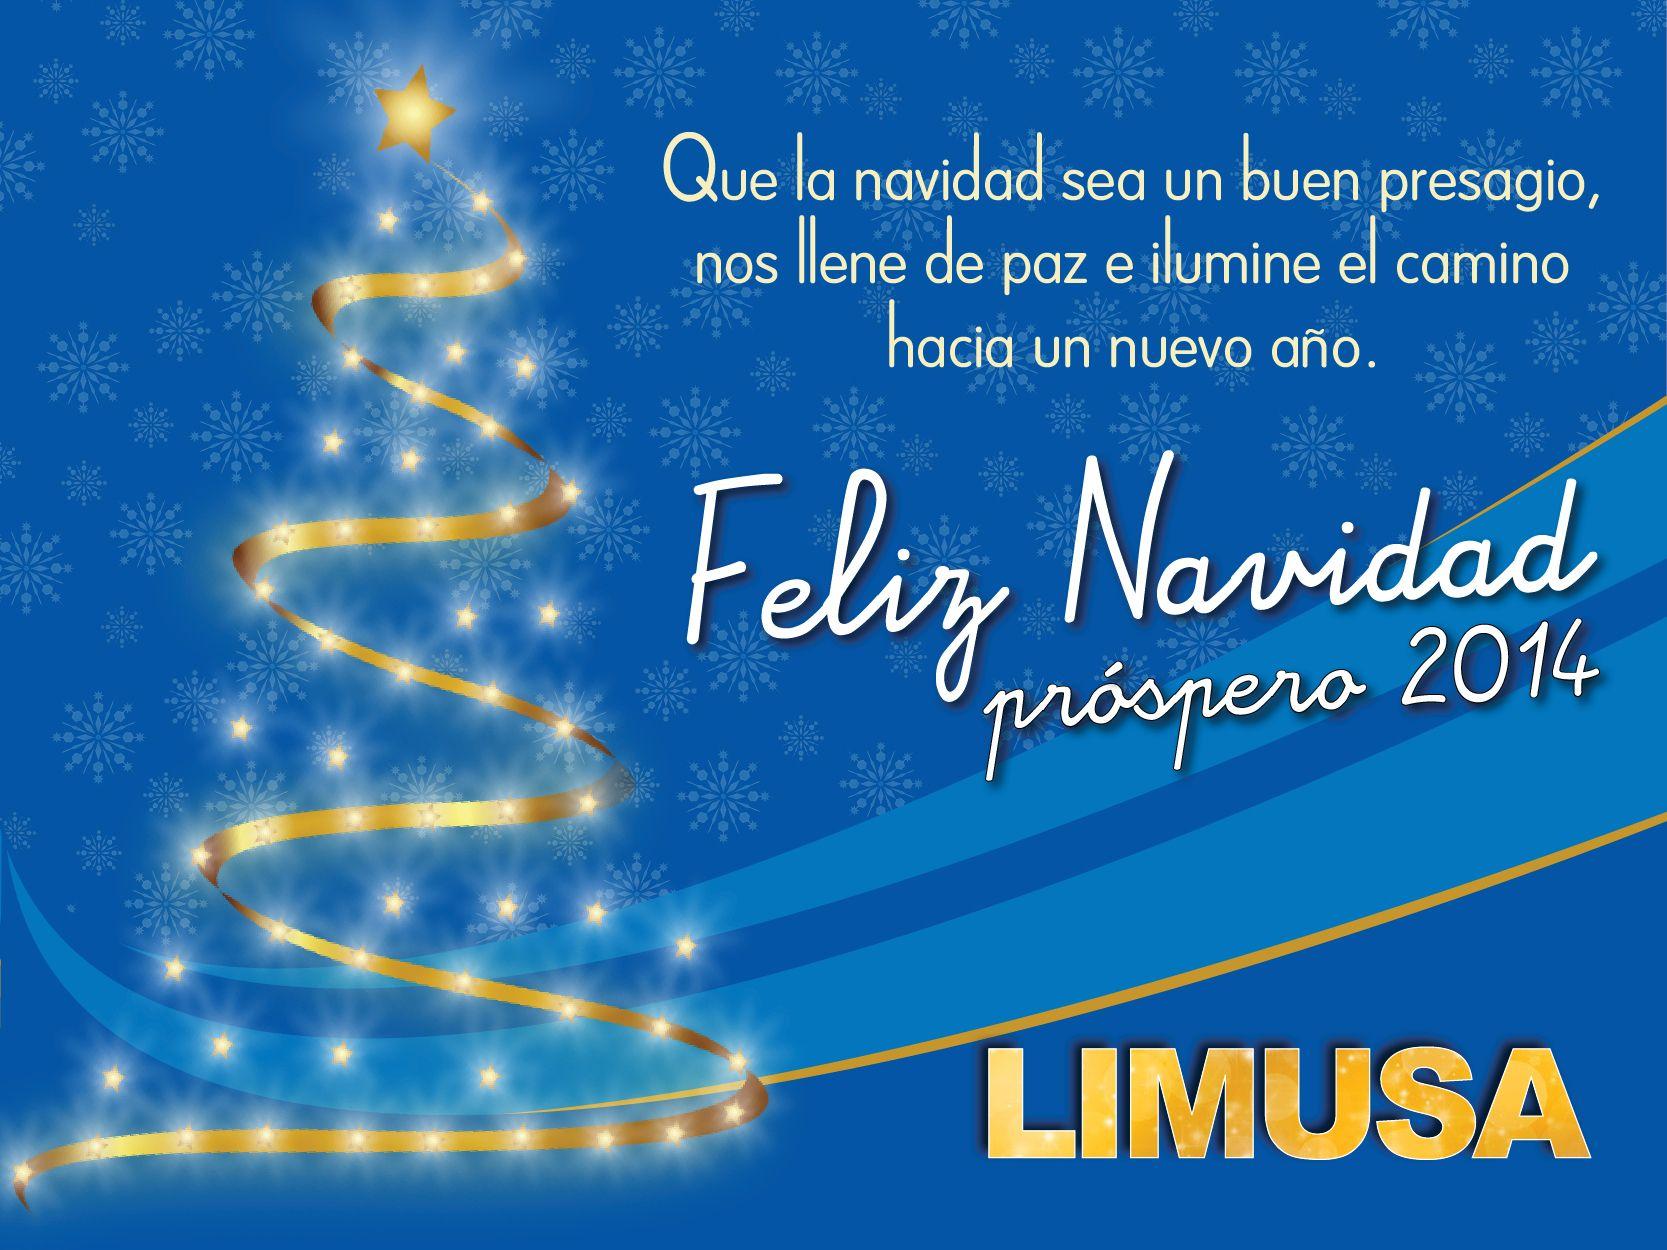 FELICES FIESTAS... Nuestros mejores deseos para esta temporada y el año que viene.   ¡Mucha luz y armonía!